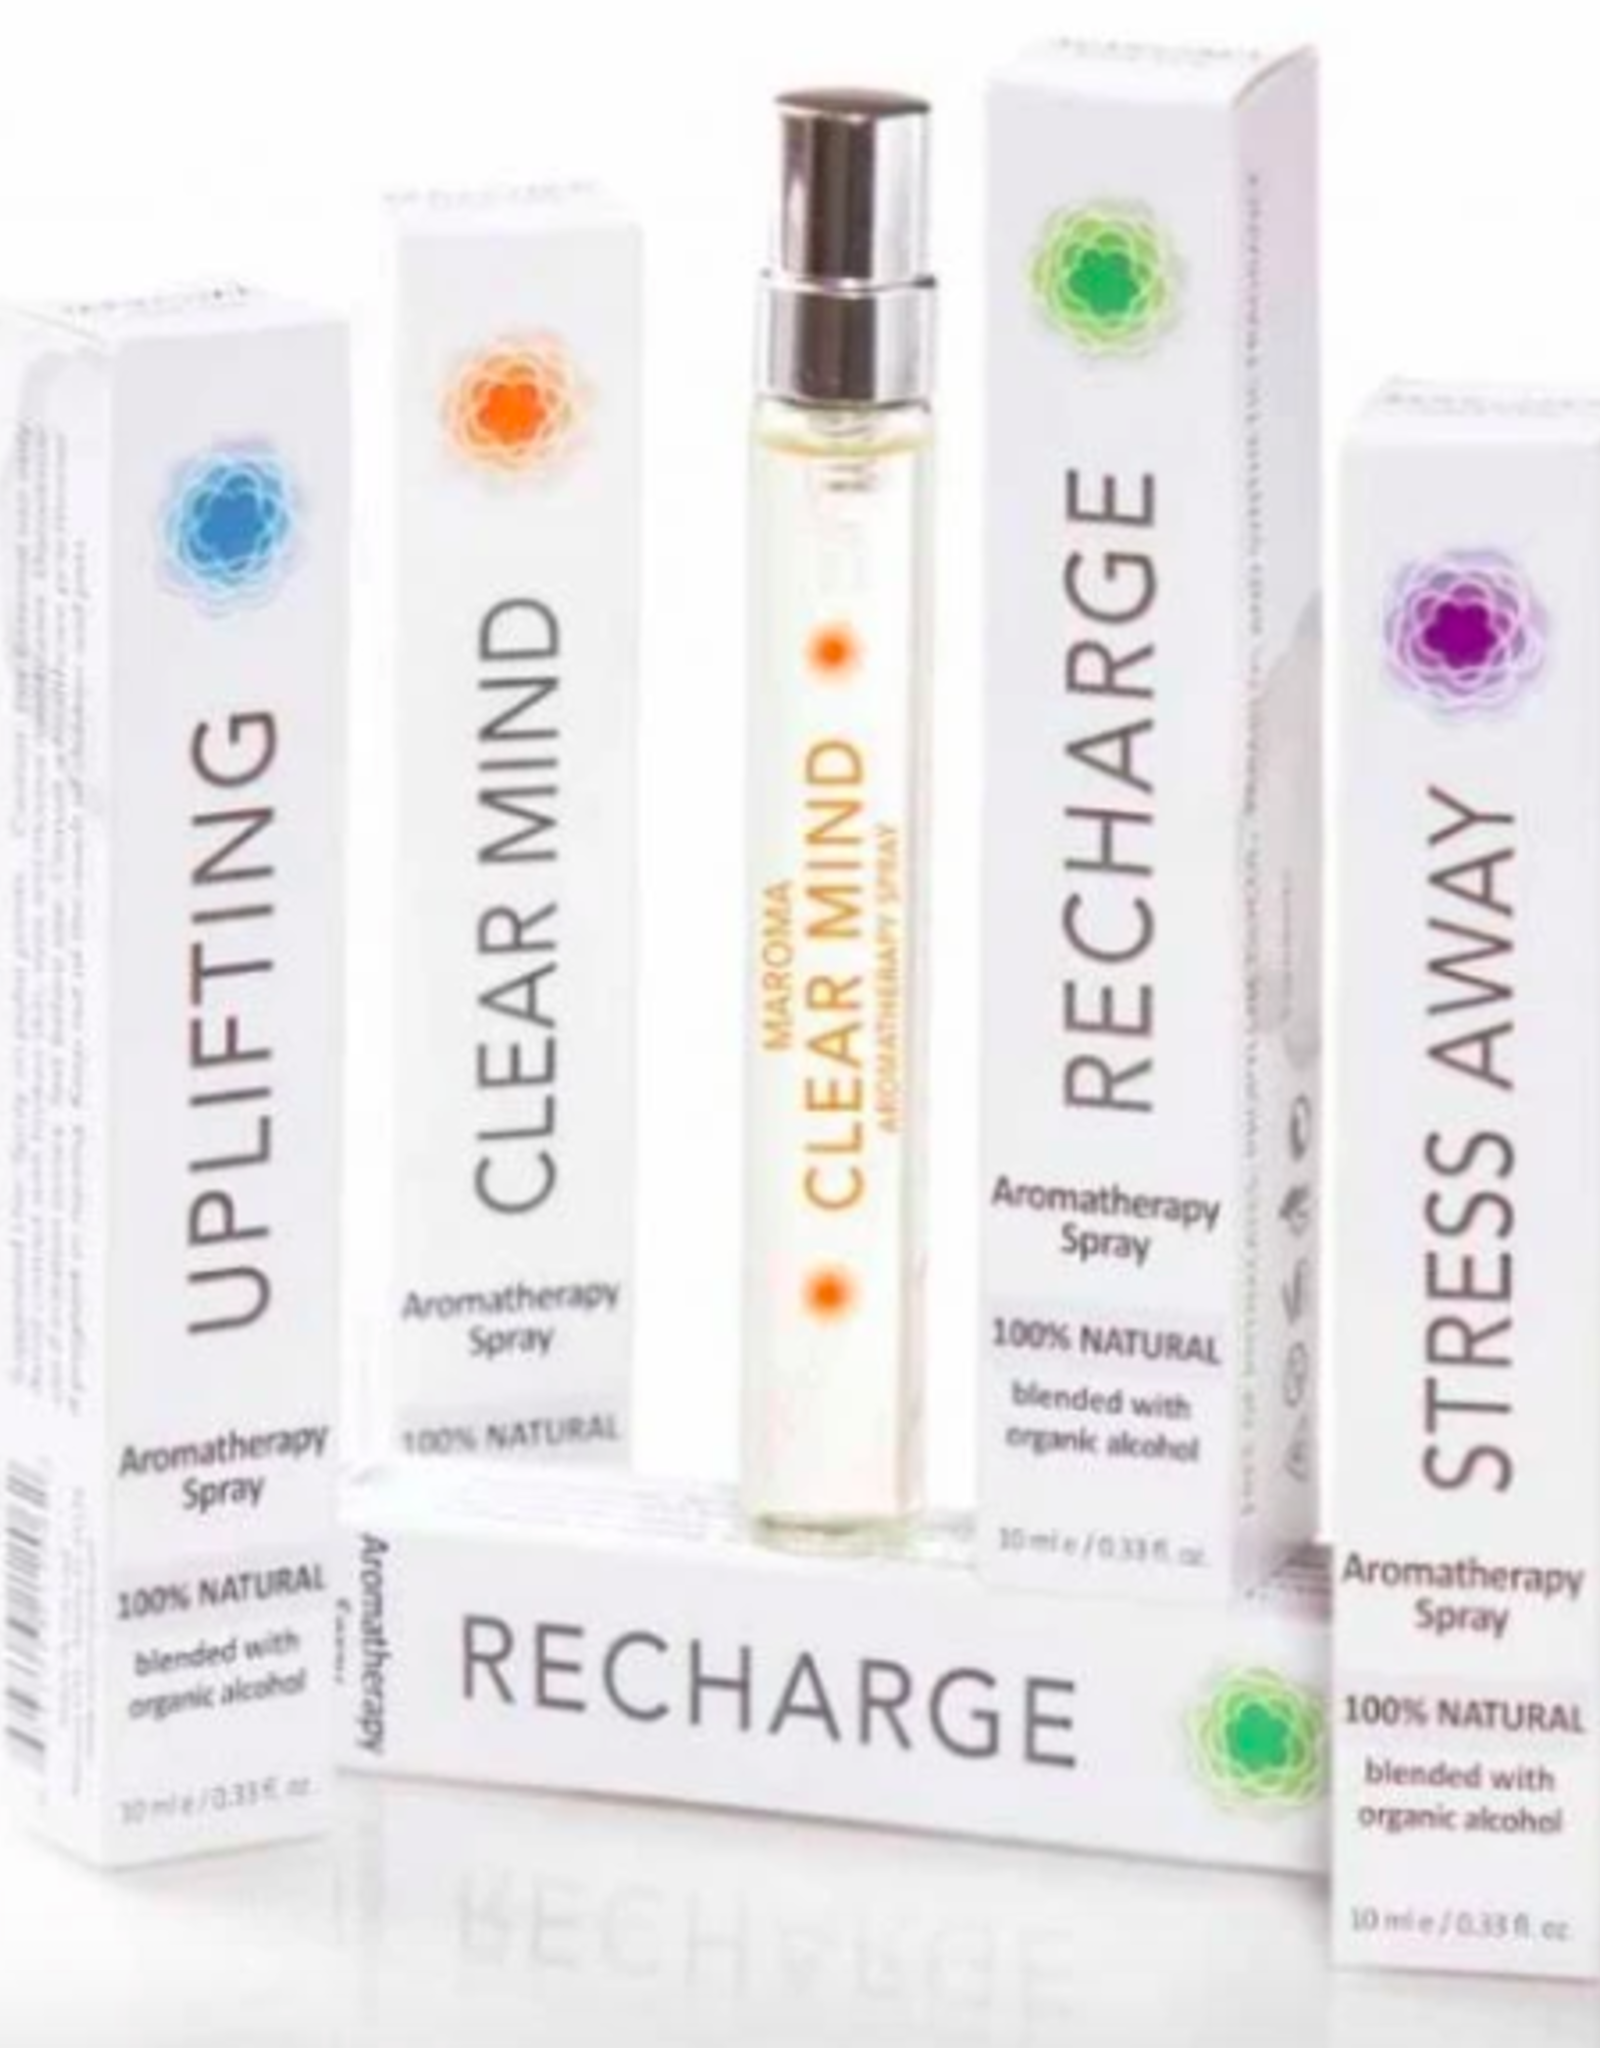 Aromatherapy Spray Clear Mind